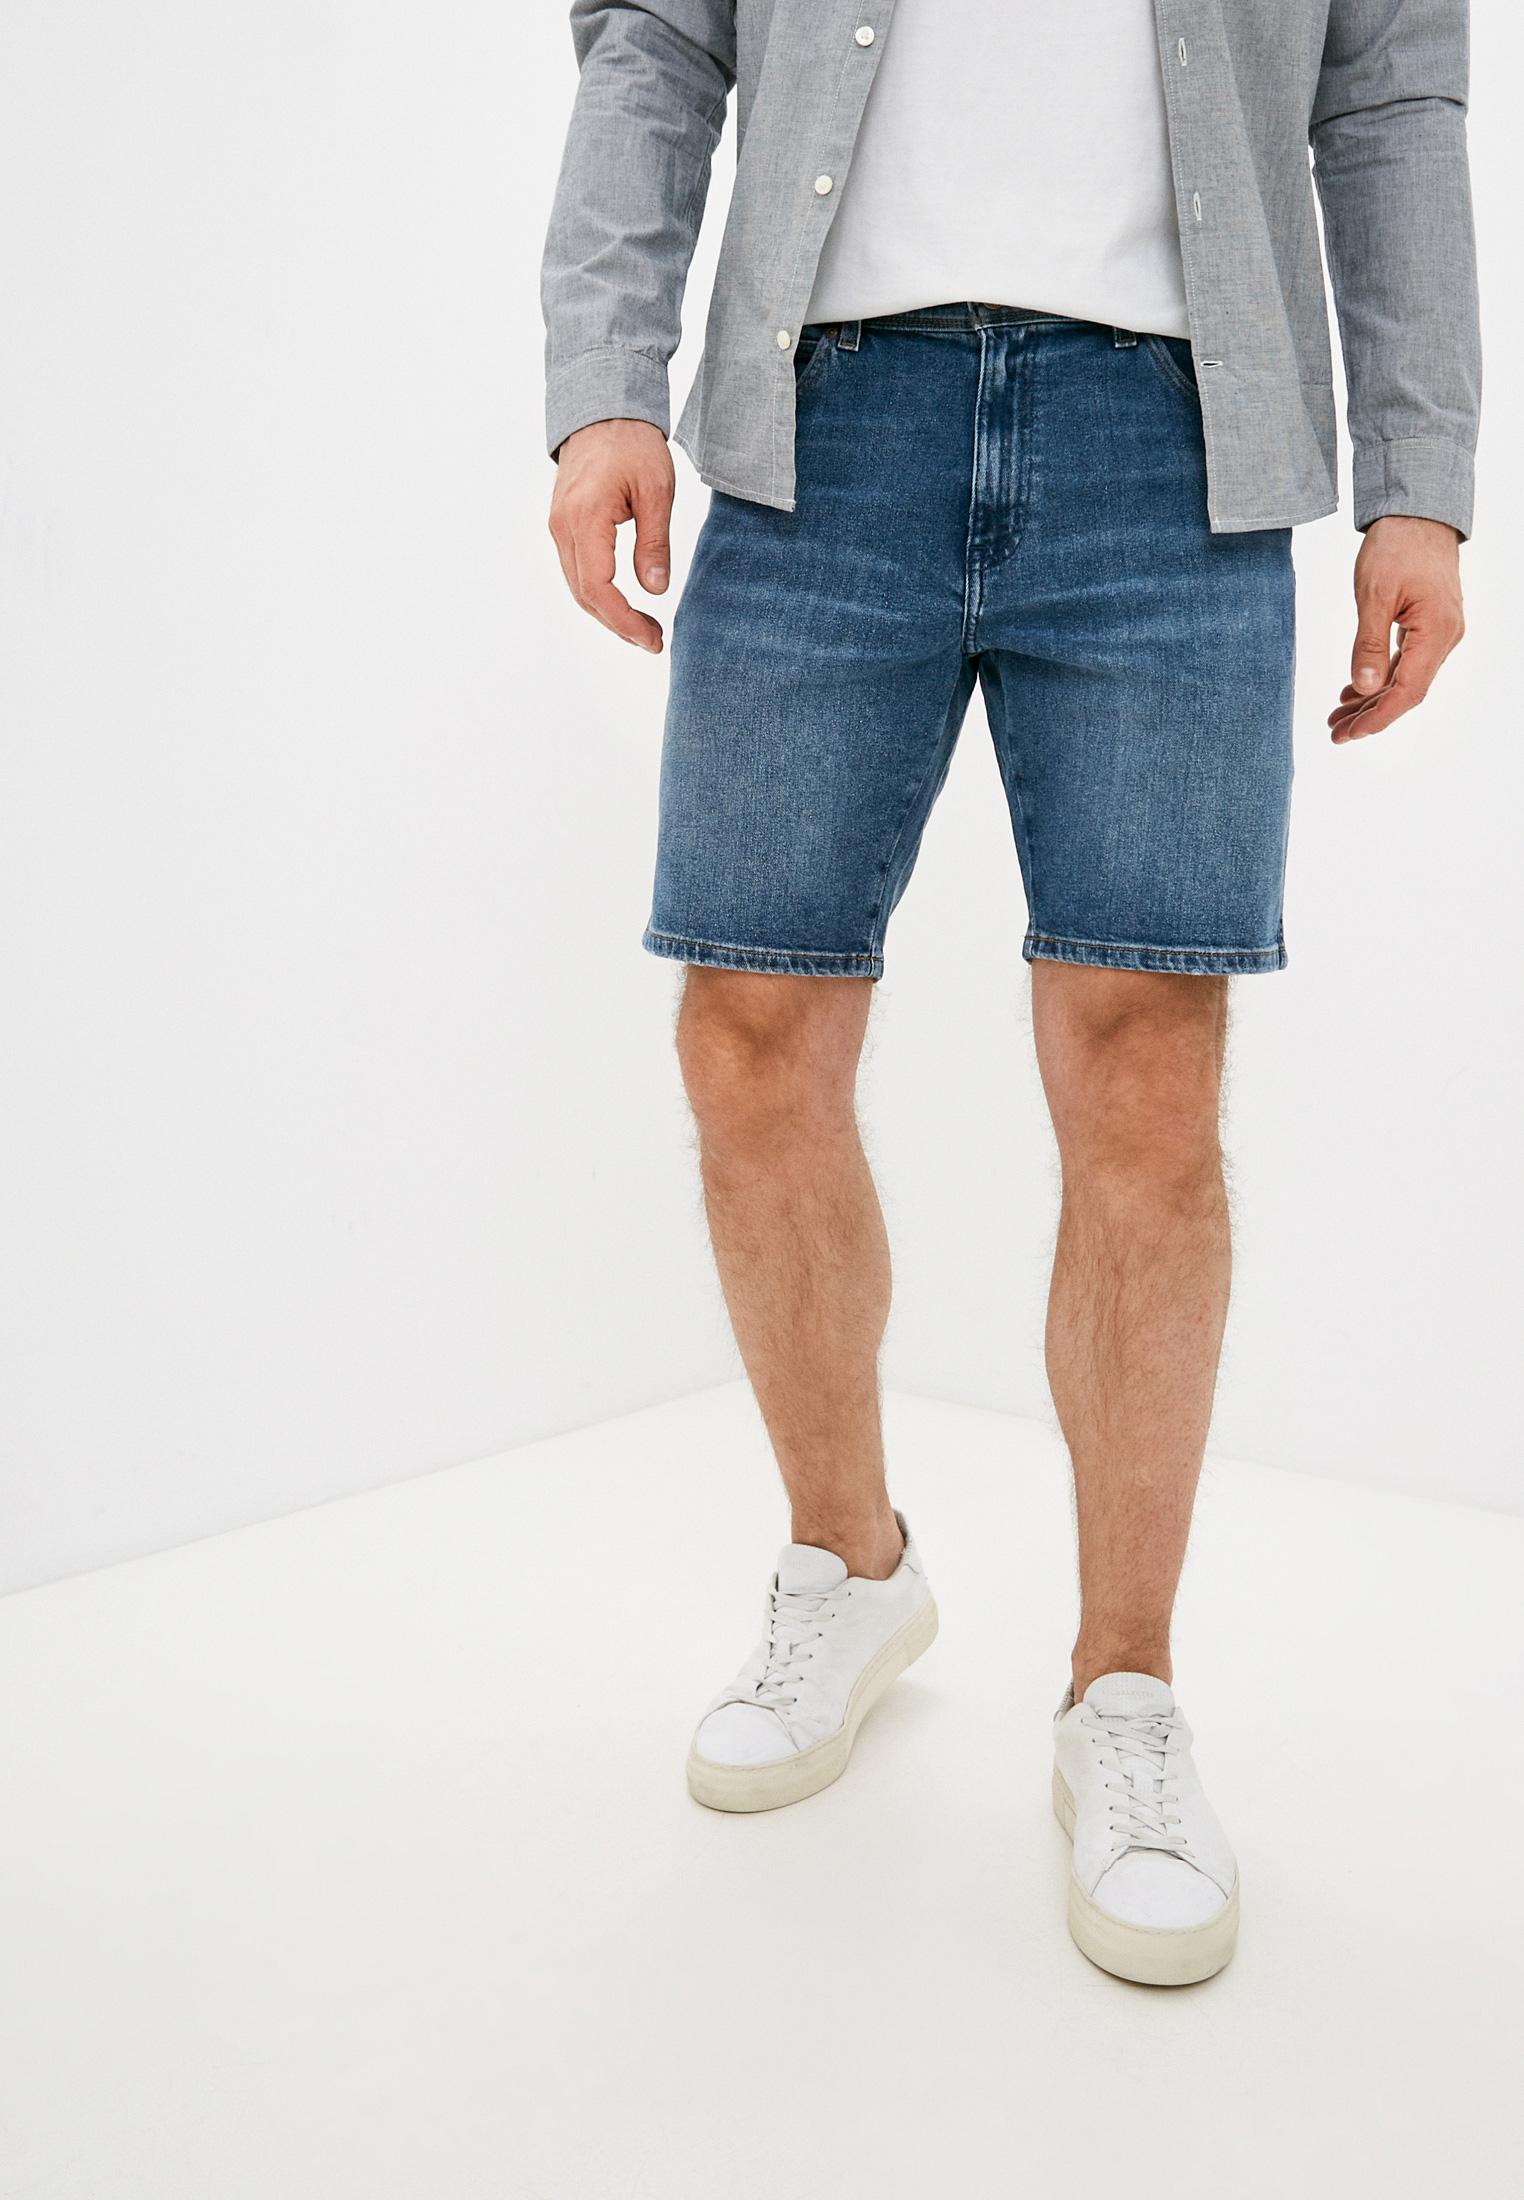 Мужские джинсовые шорты Wrangler (Вранглер) Шорты джинсовые Wrangler